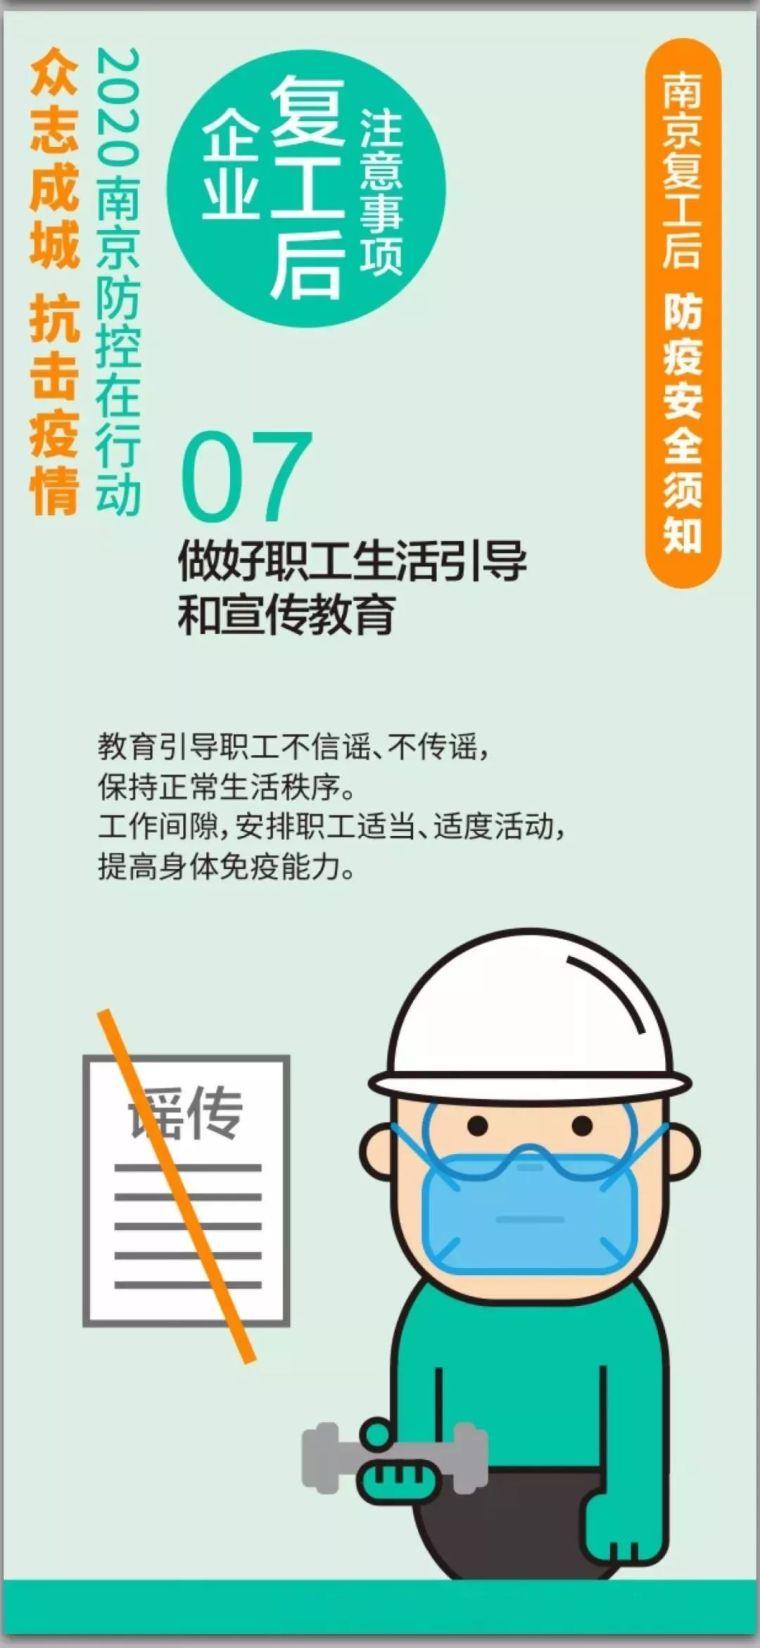 企业复工,防疫安全须知(图解)_13